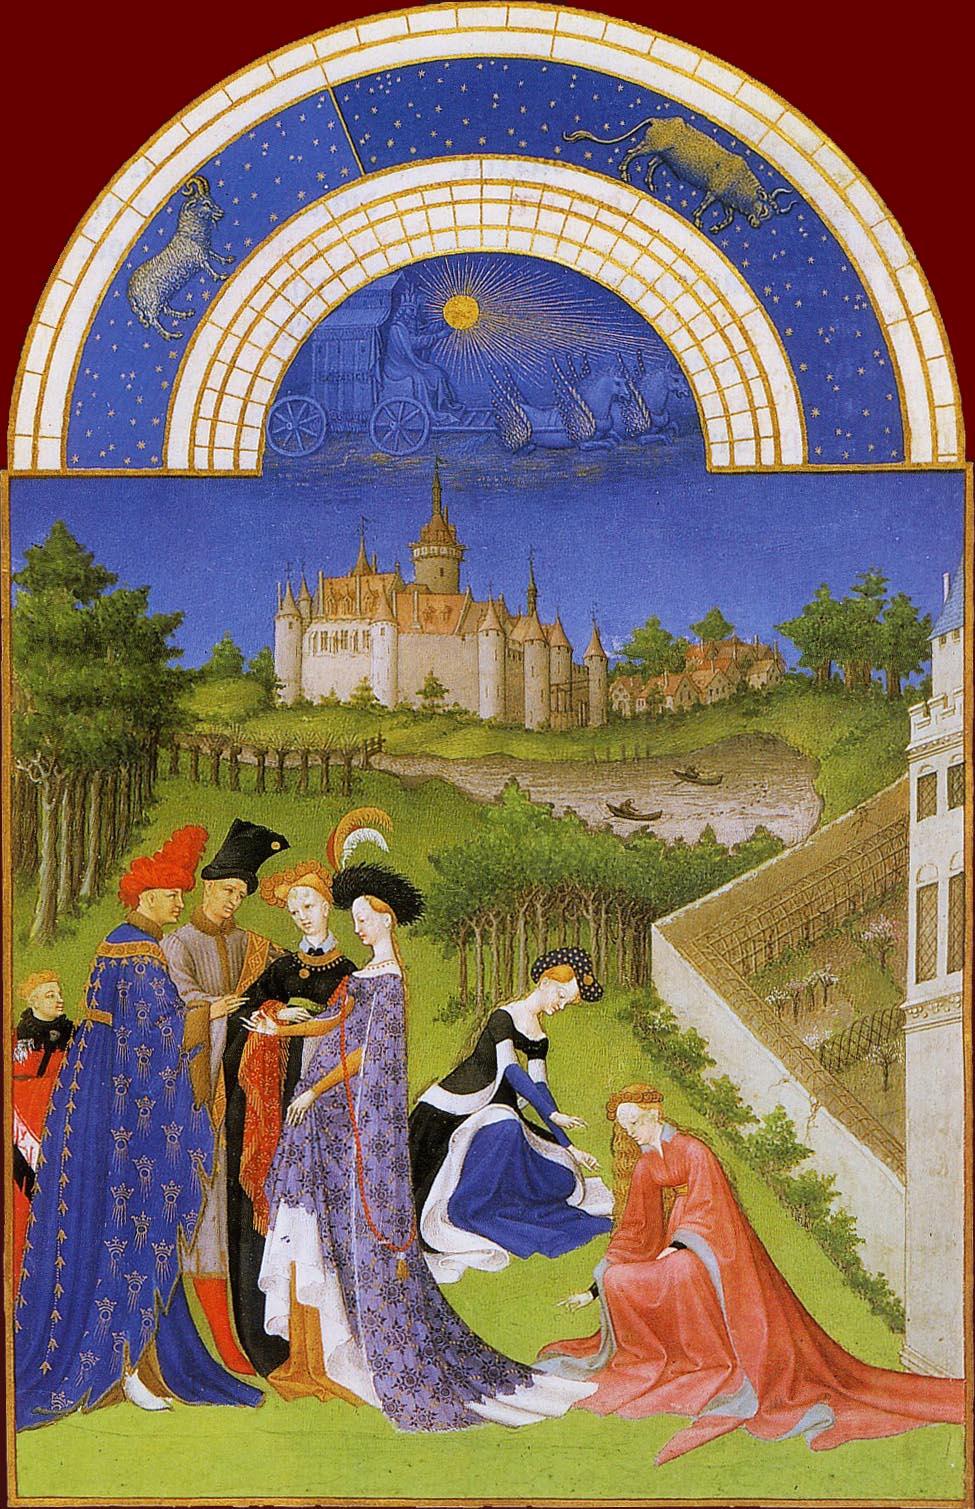 Les Très Riches Heures du duc de Berry, le mois d'avril (enluminure des frères de Limbourg, XVe siècle, musée Condé, Chantilly)